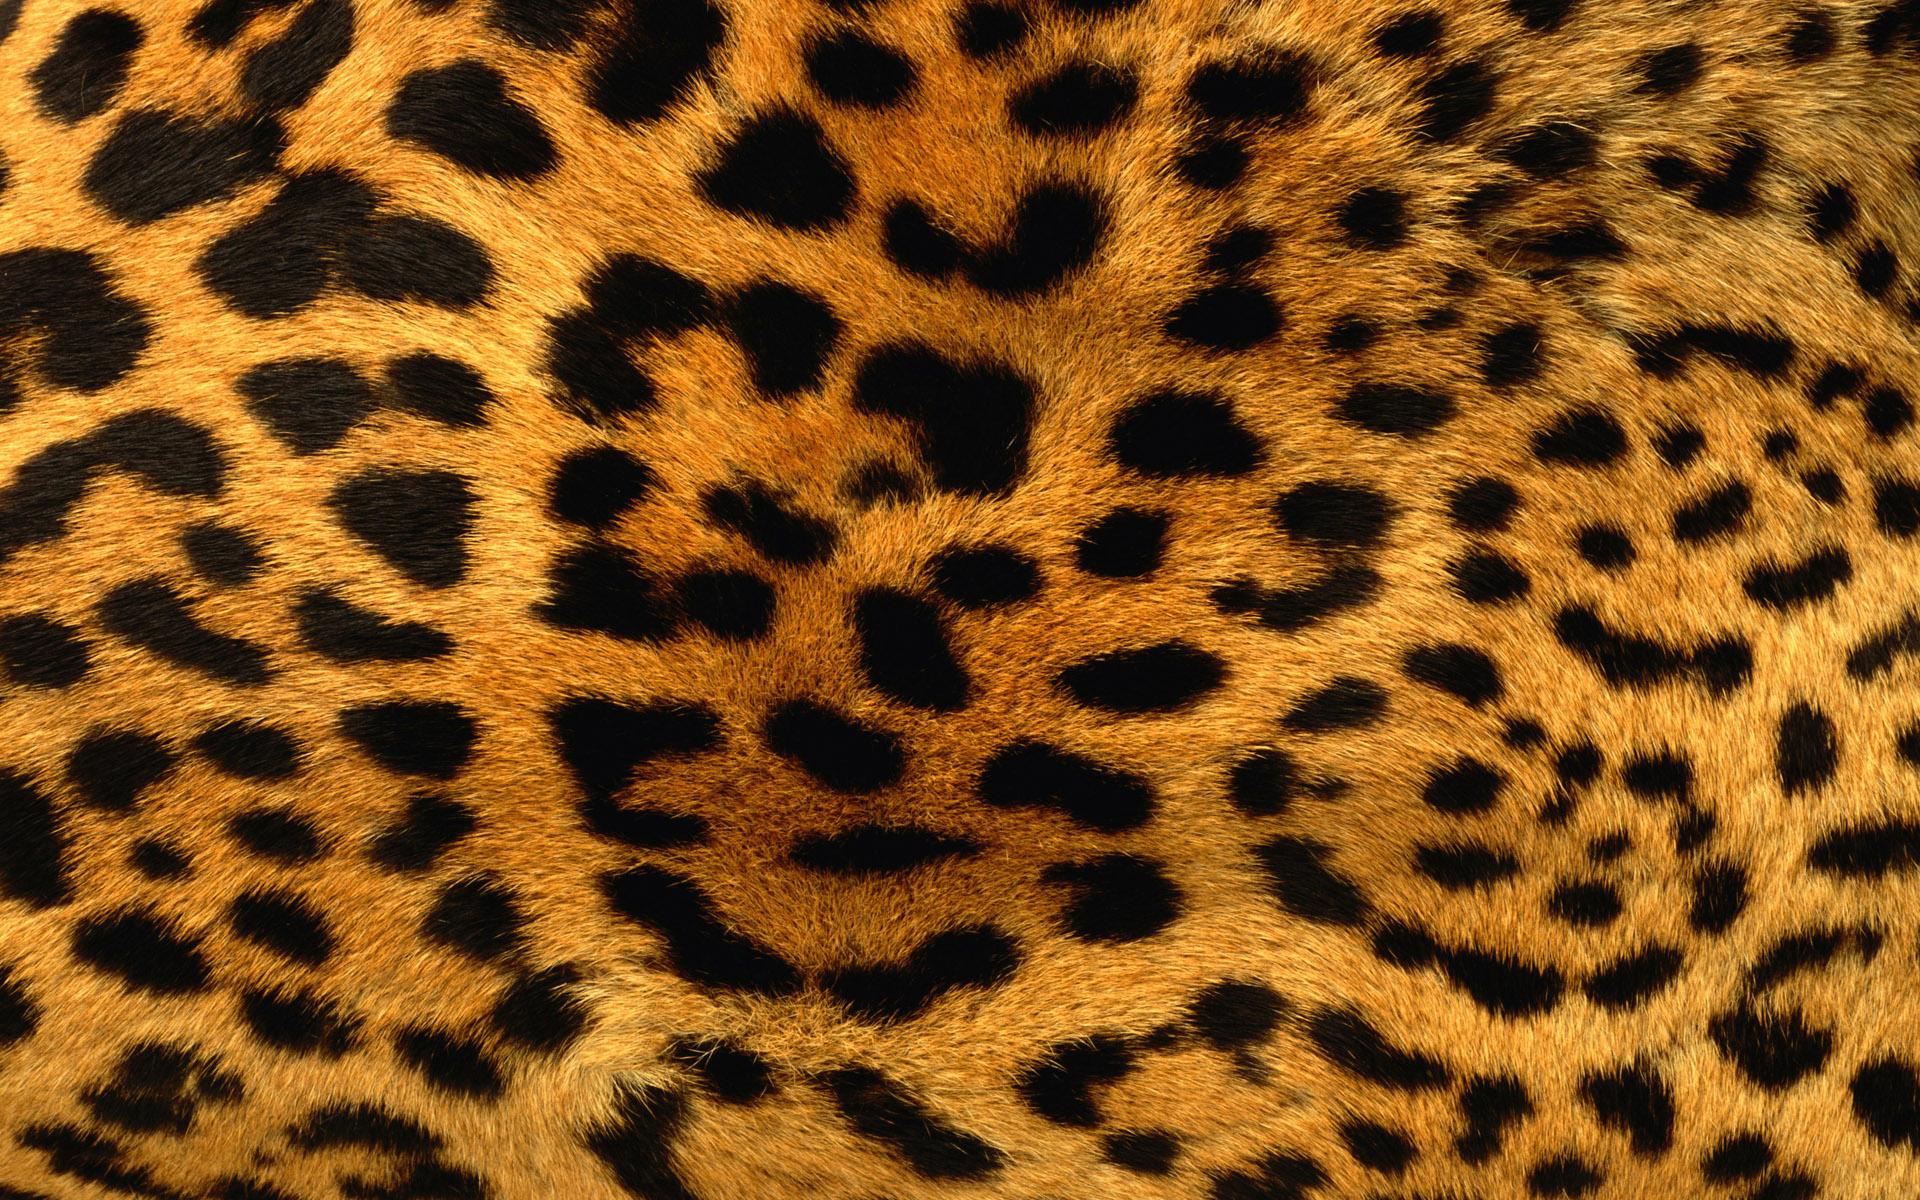 Leopard Print Wallpaper 20504 1680x1050 px